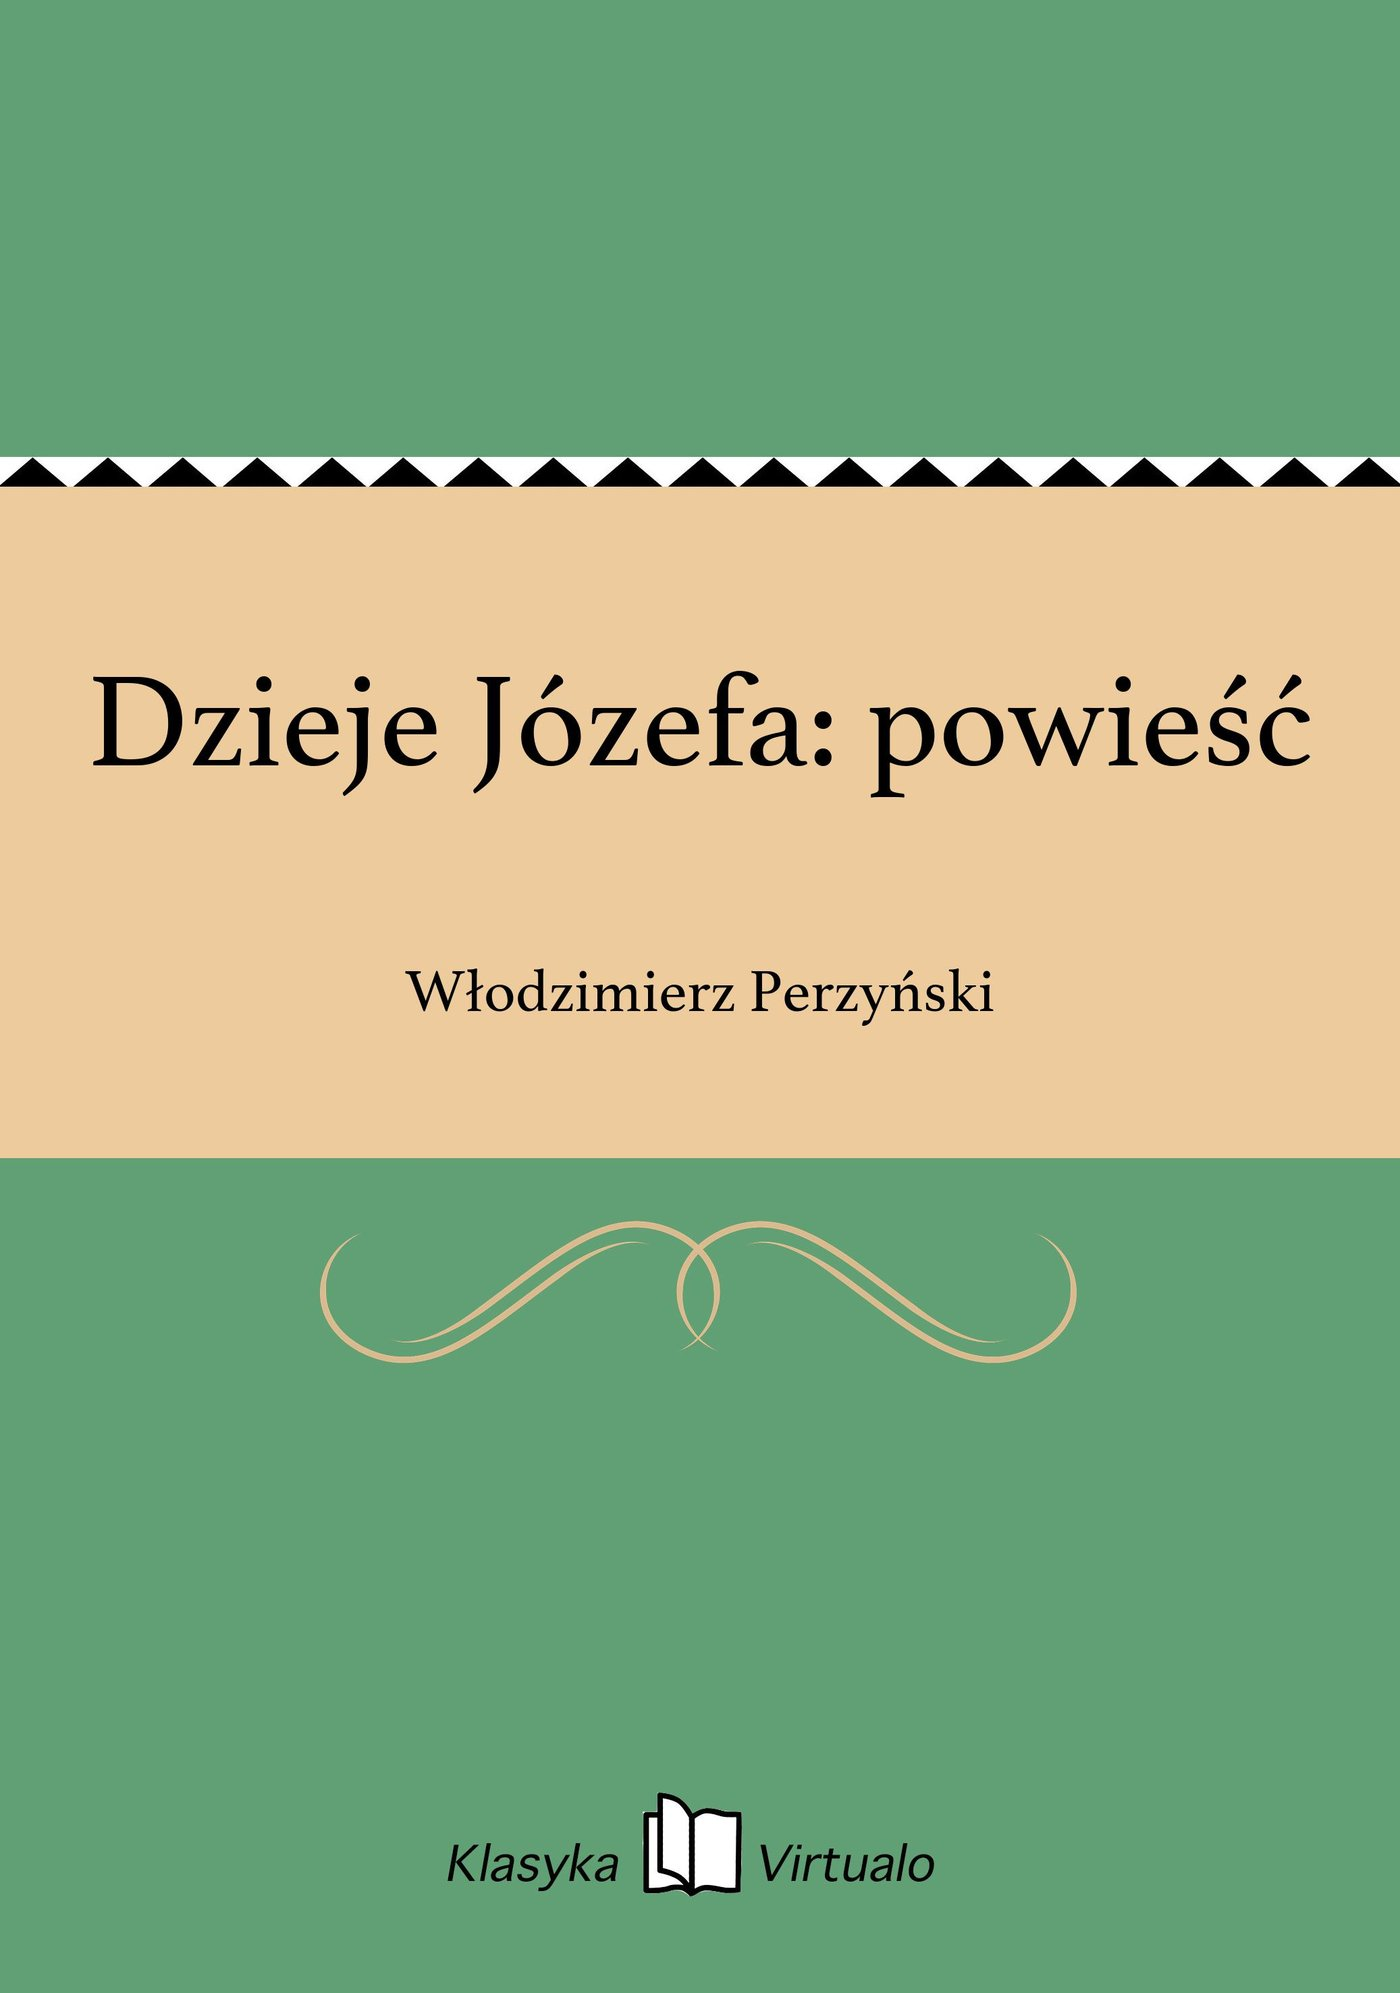 Dzieje Józefa: powieść - Ebook (Książka EPUB) do pobrania w formacie EPUB